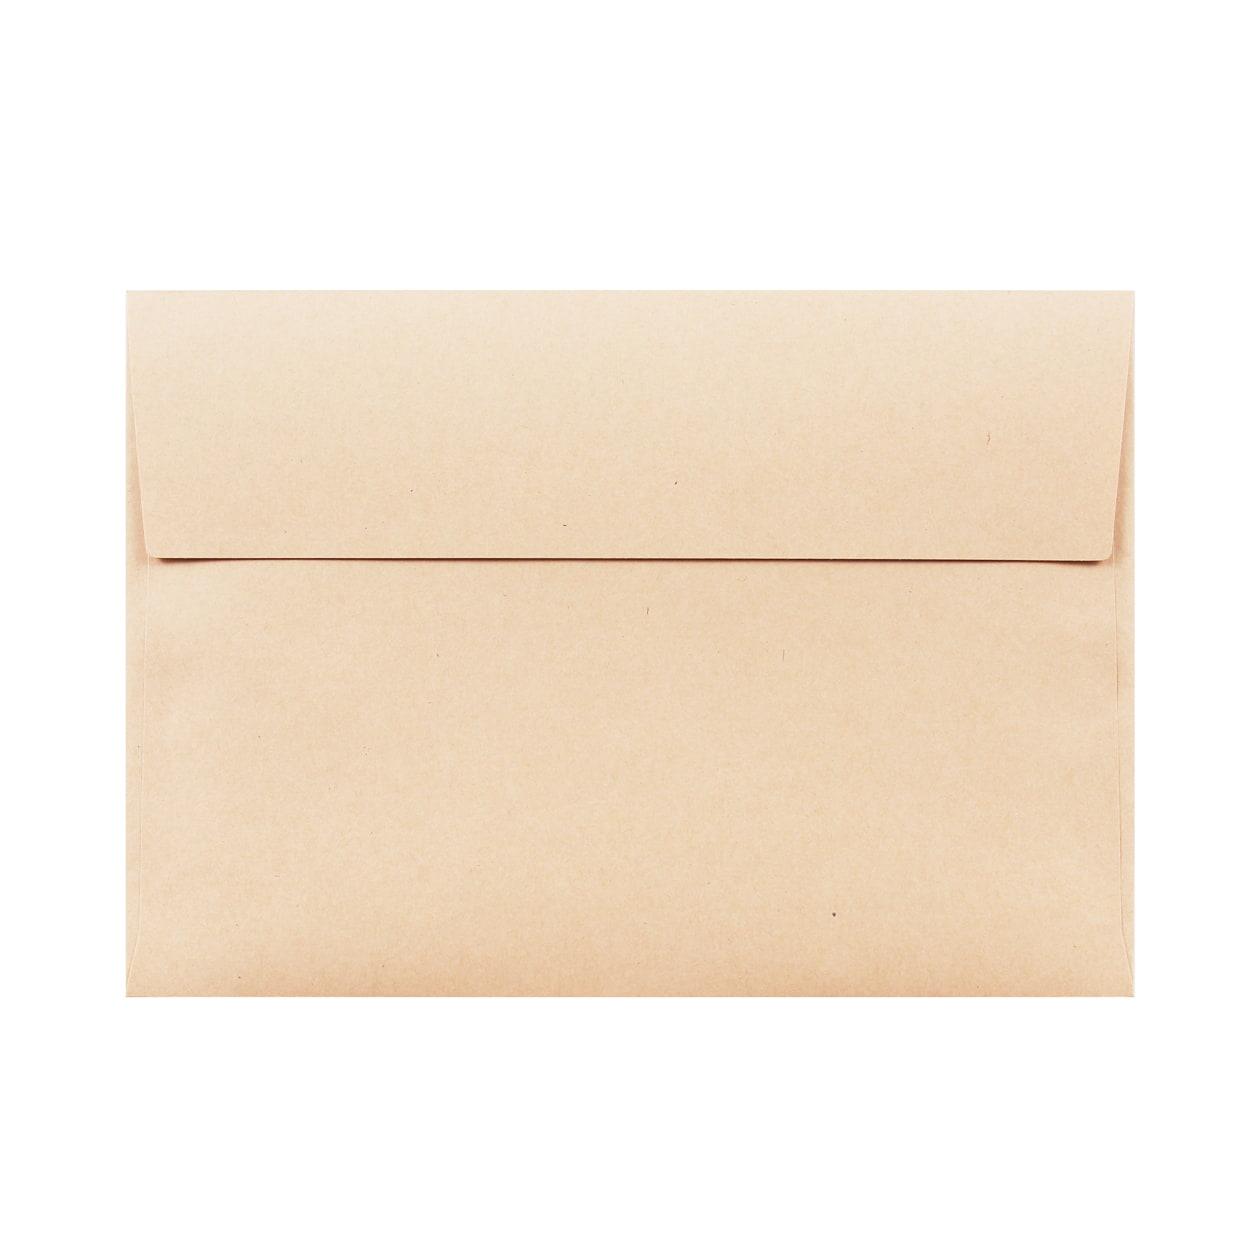 角6カマス封筒 HAGURUMA Basic ウッドブラウン 100g